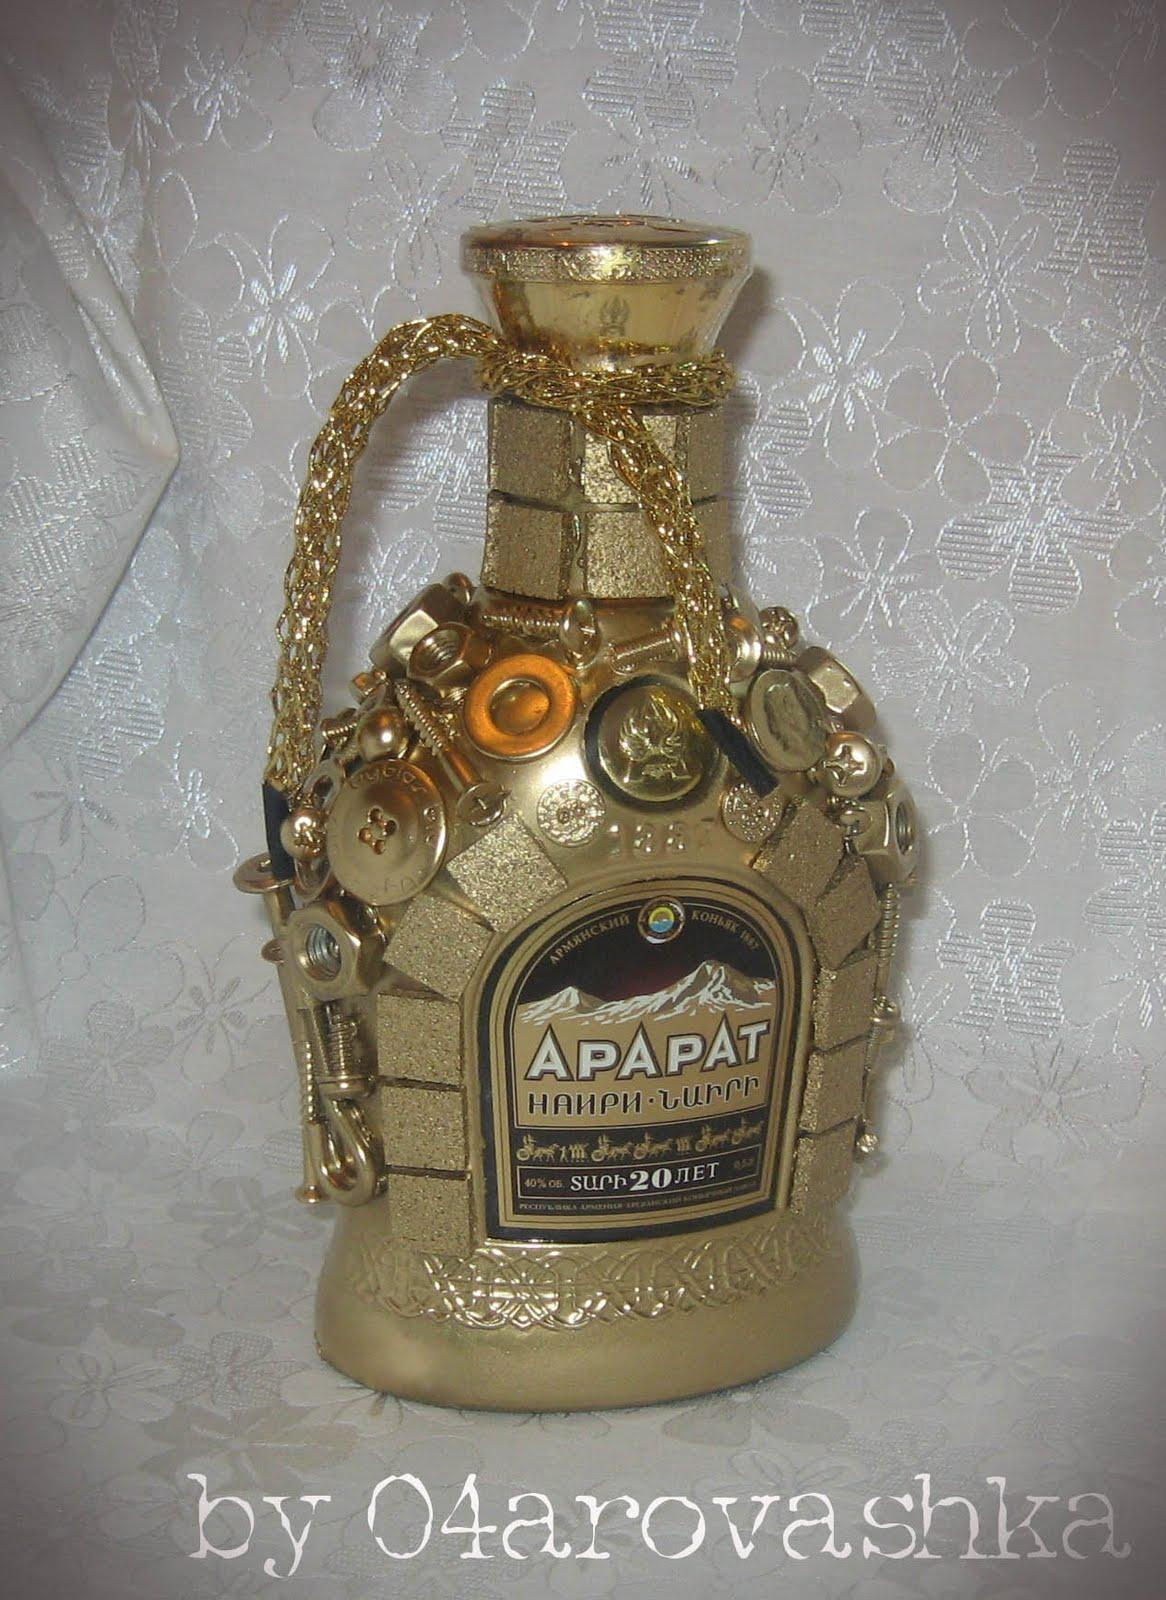 Как оформить бутылку коньяка в подарок для мужчины 15